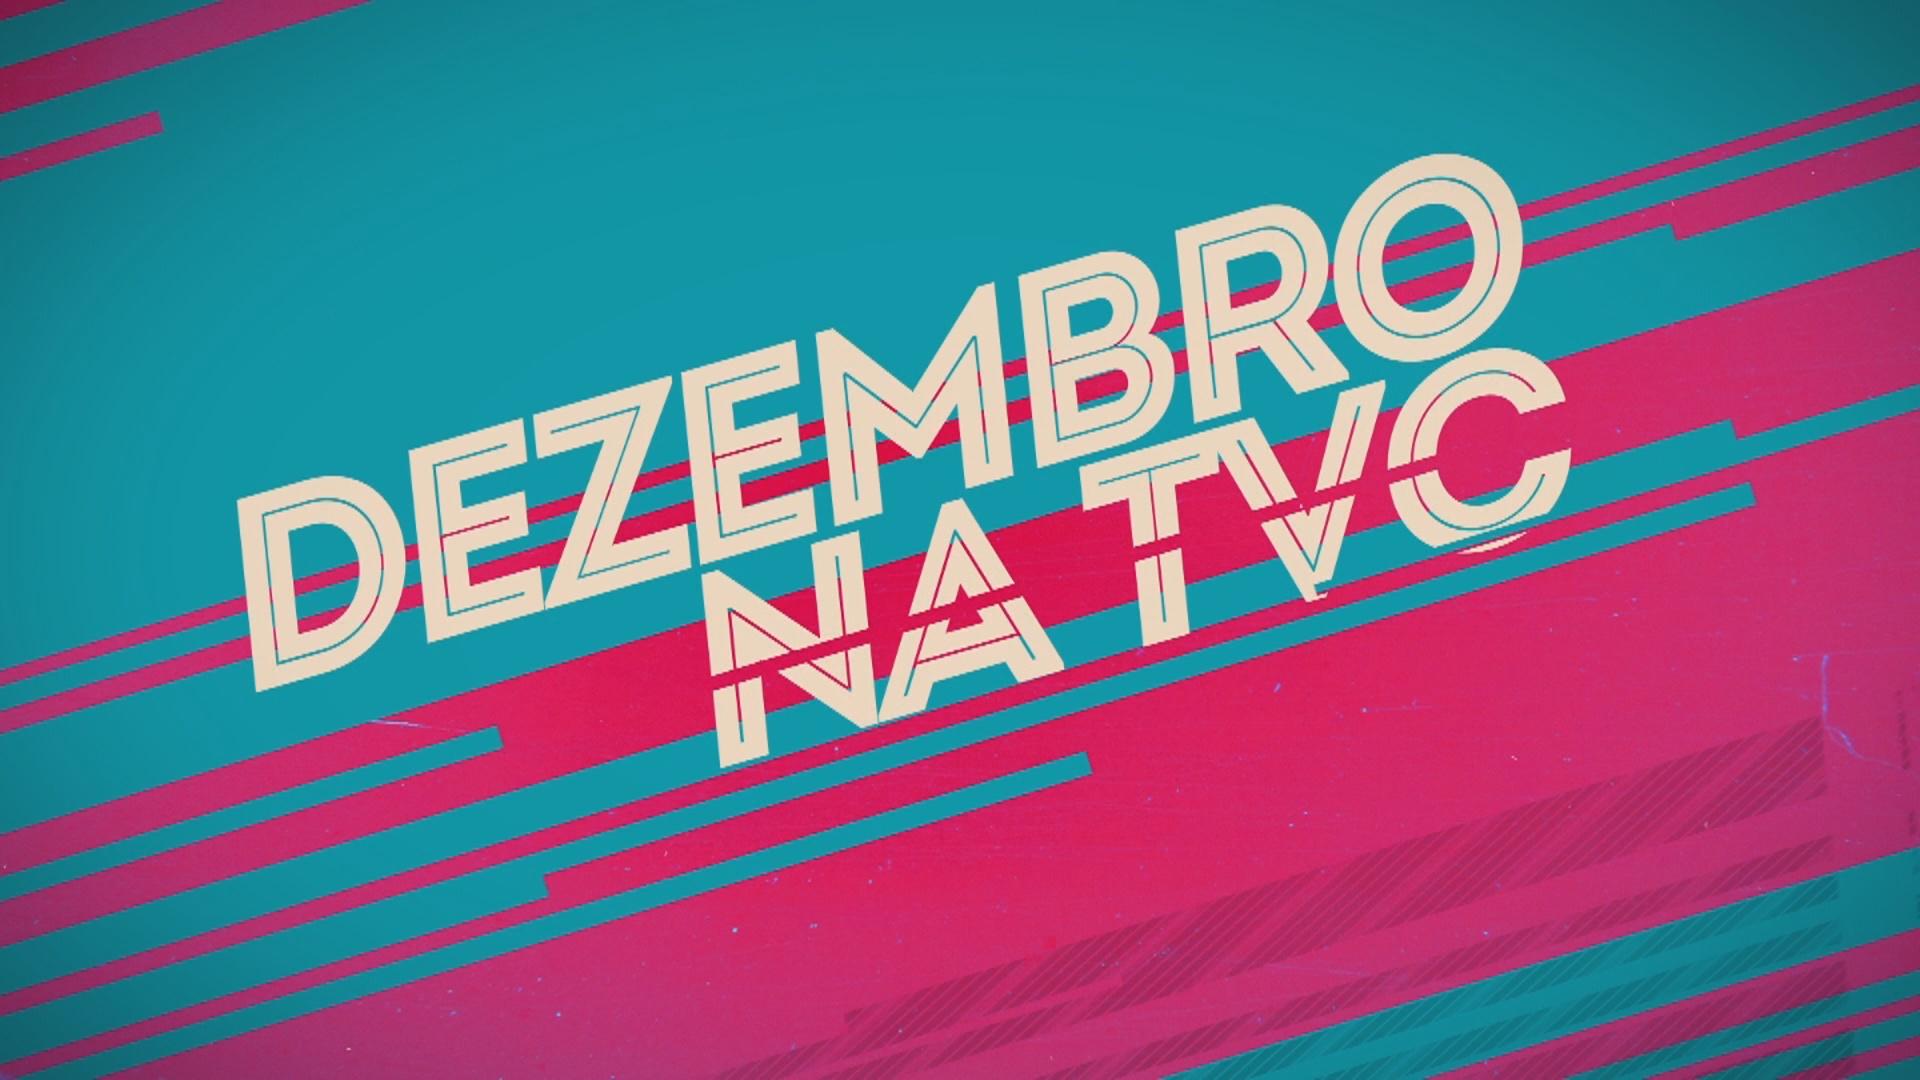 Dezembro na TV Ceará com programação especial